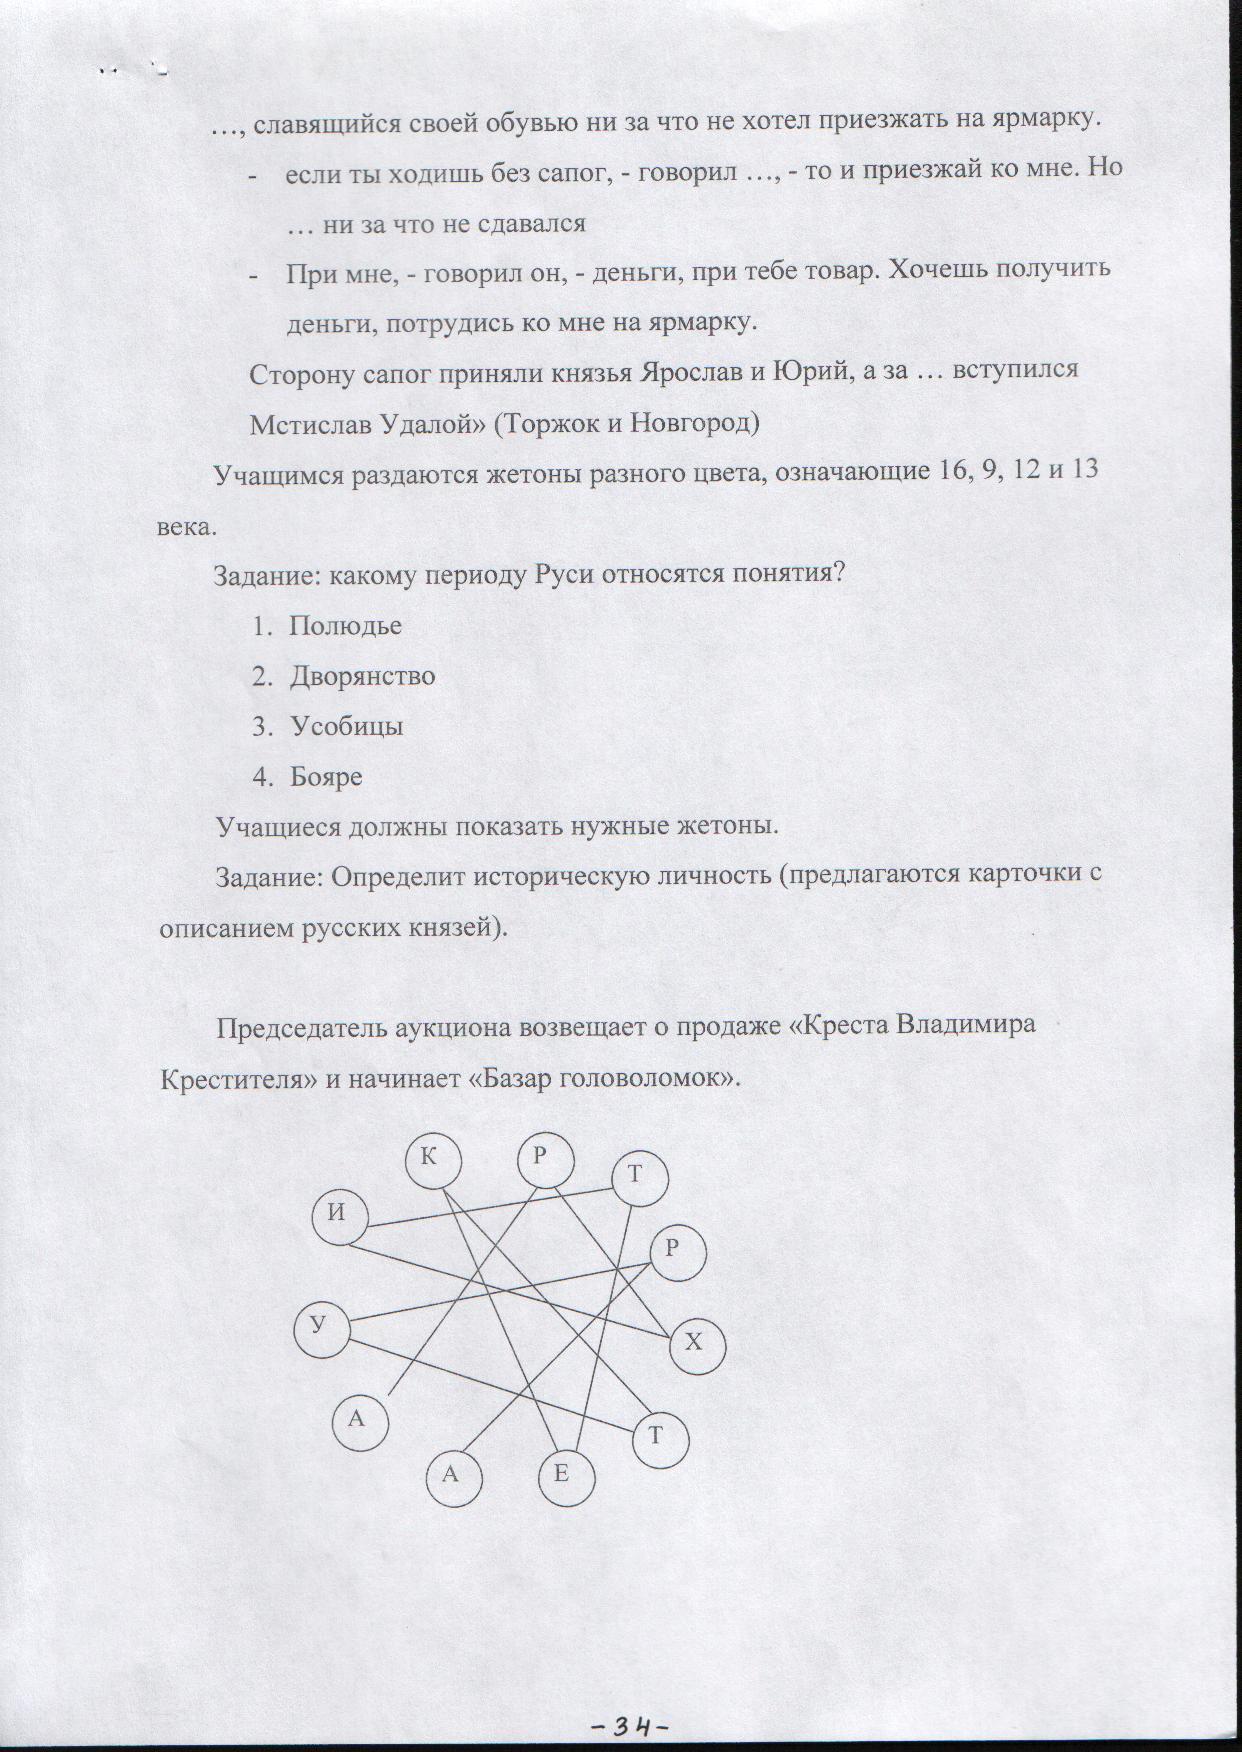 C:\Documents and Settings\елена\Рабочий стол\экономическое развитие России в XVII в\7.jpg